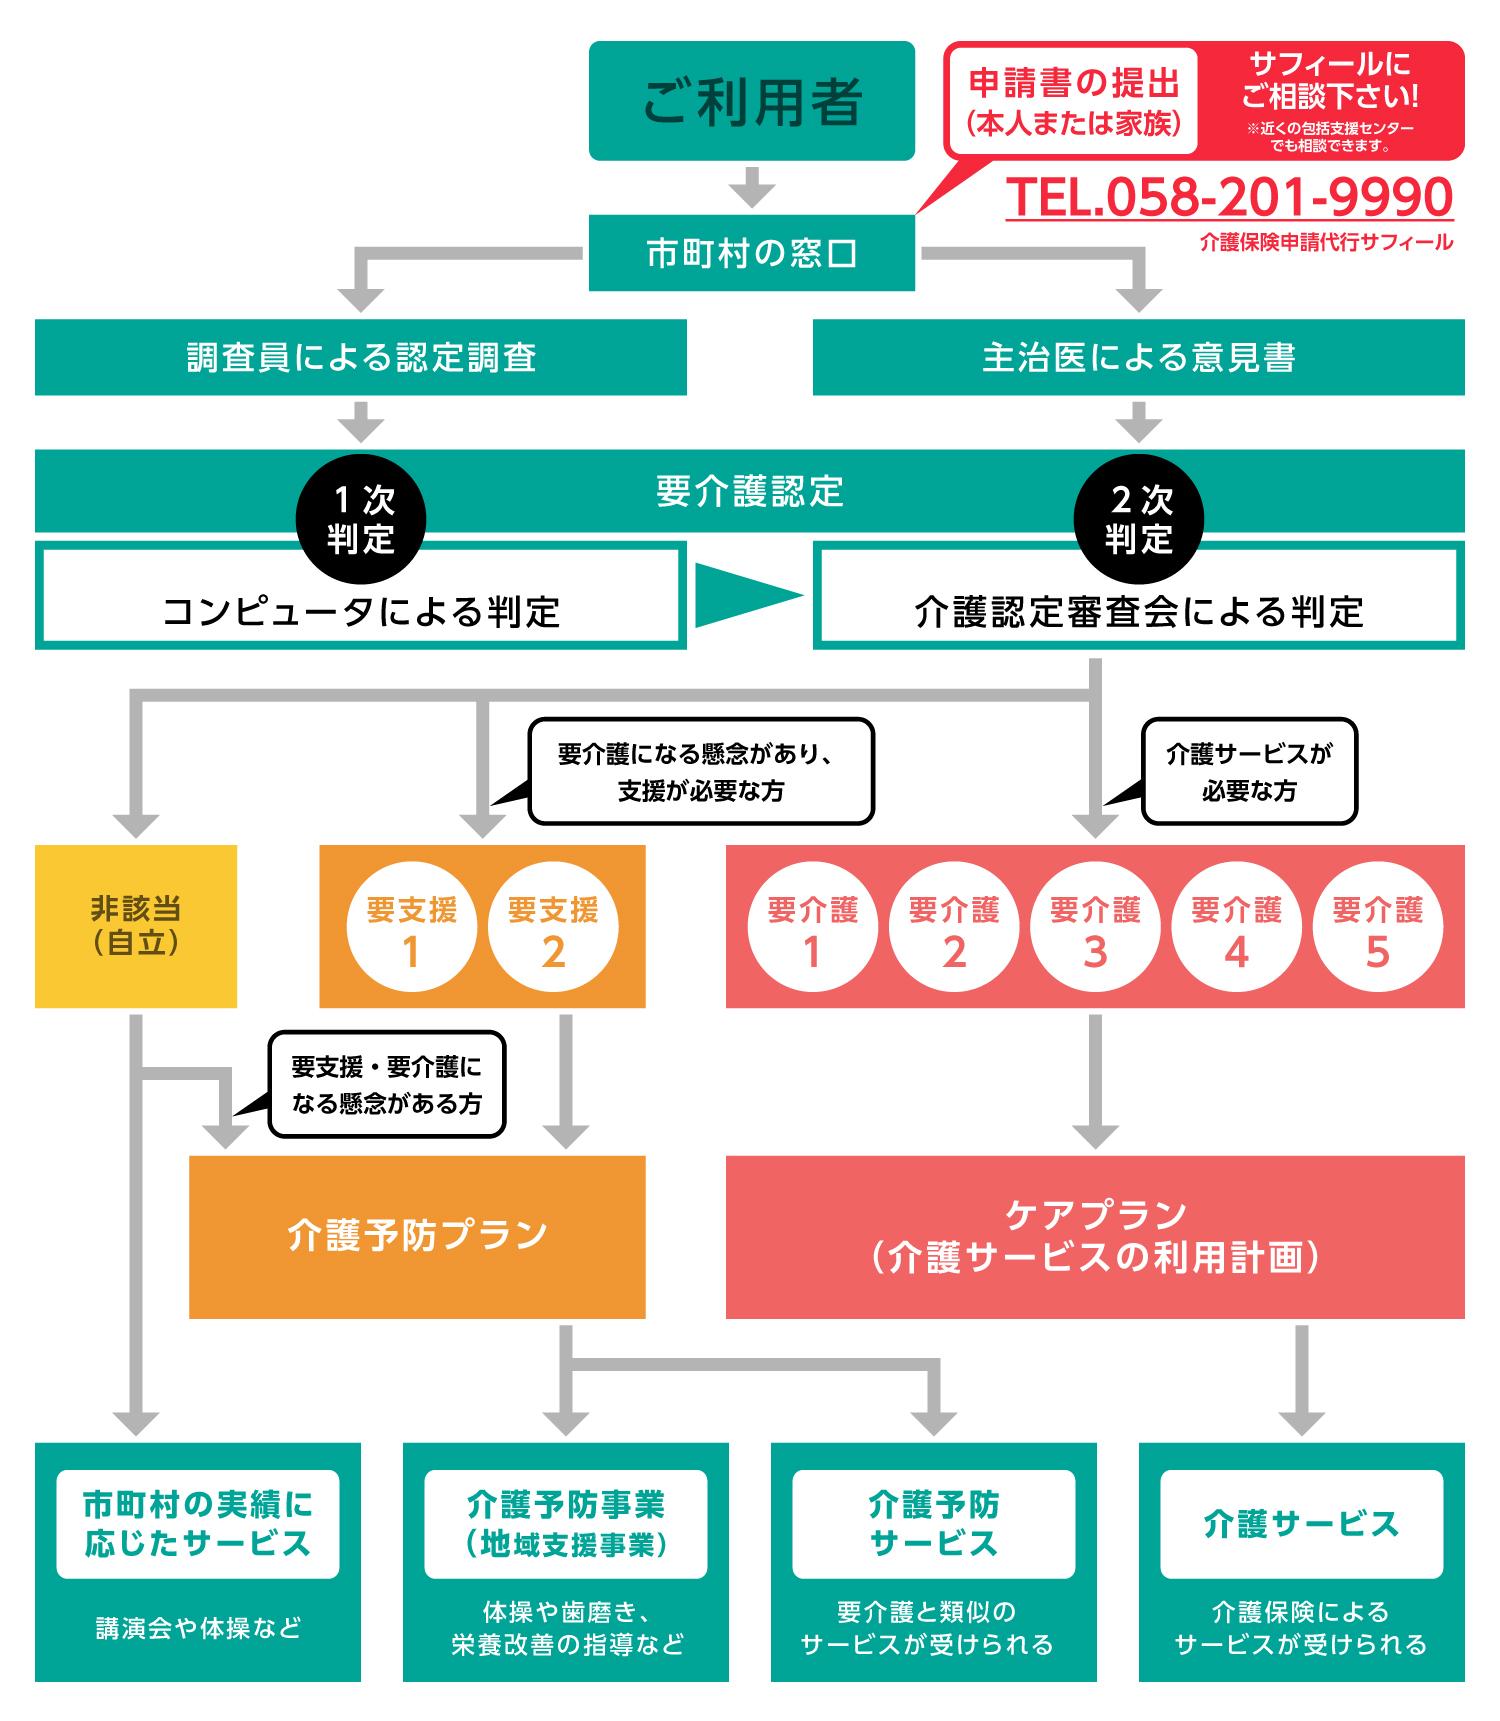 img_safir_kyotaku_1500_1721